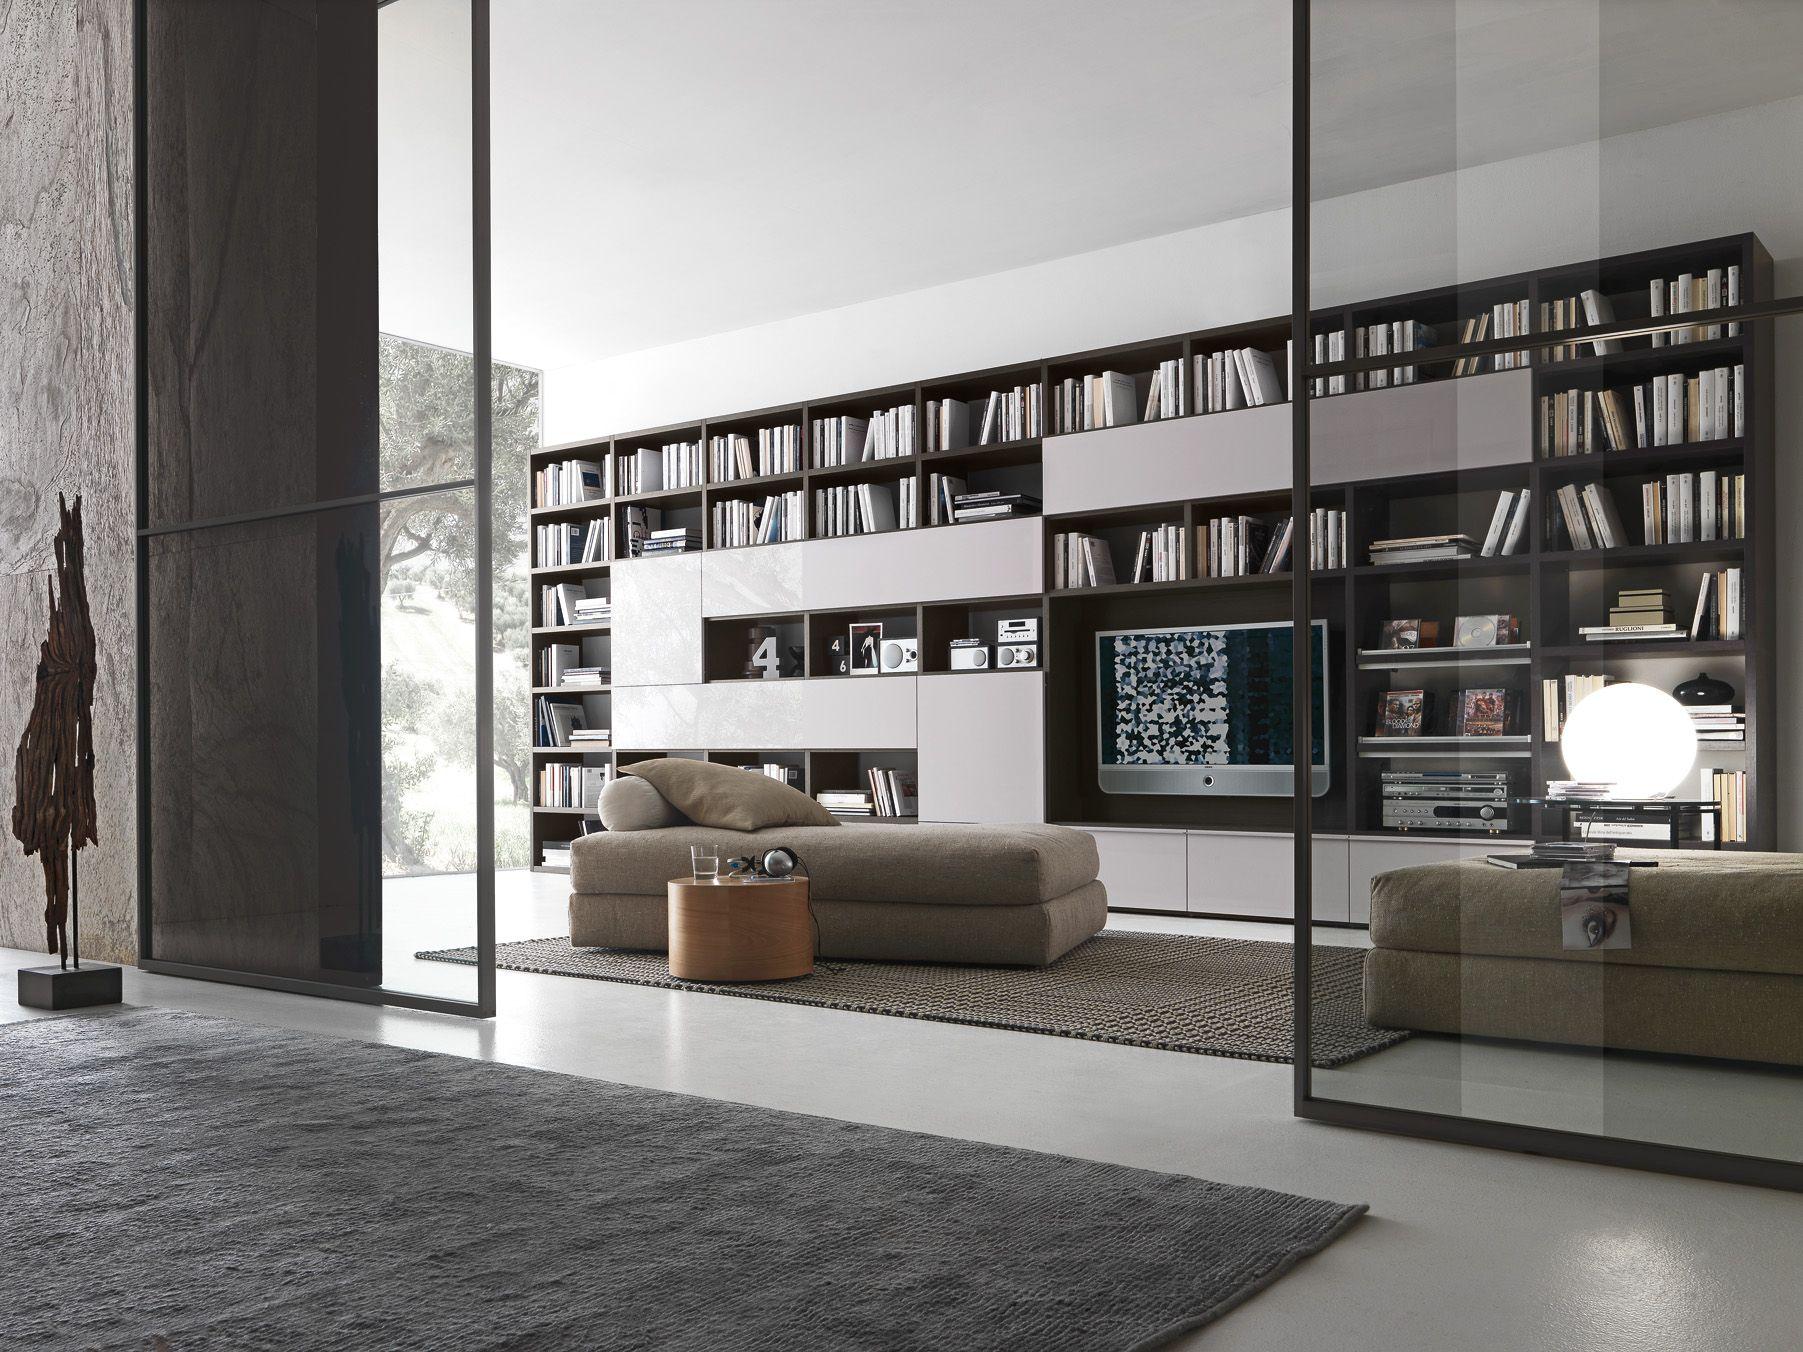 Presotto Pari Dispari Bookcase With A Grey Oak Structure And